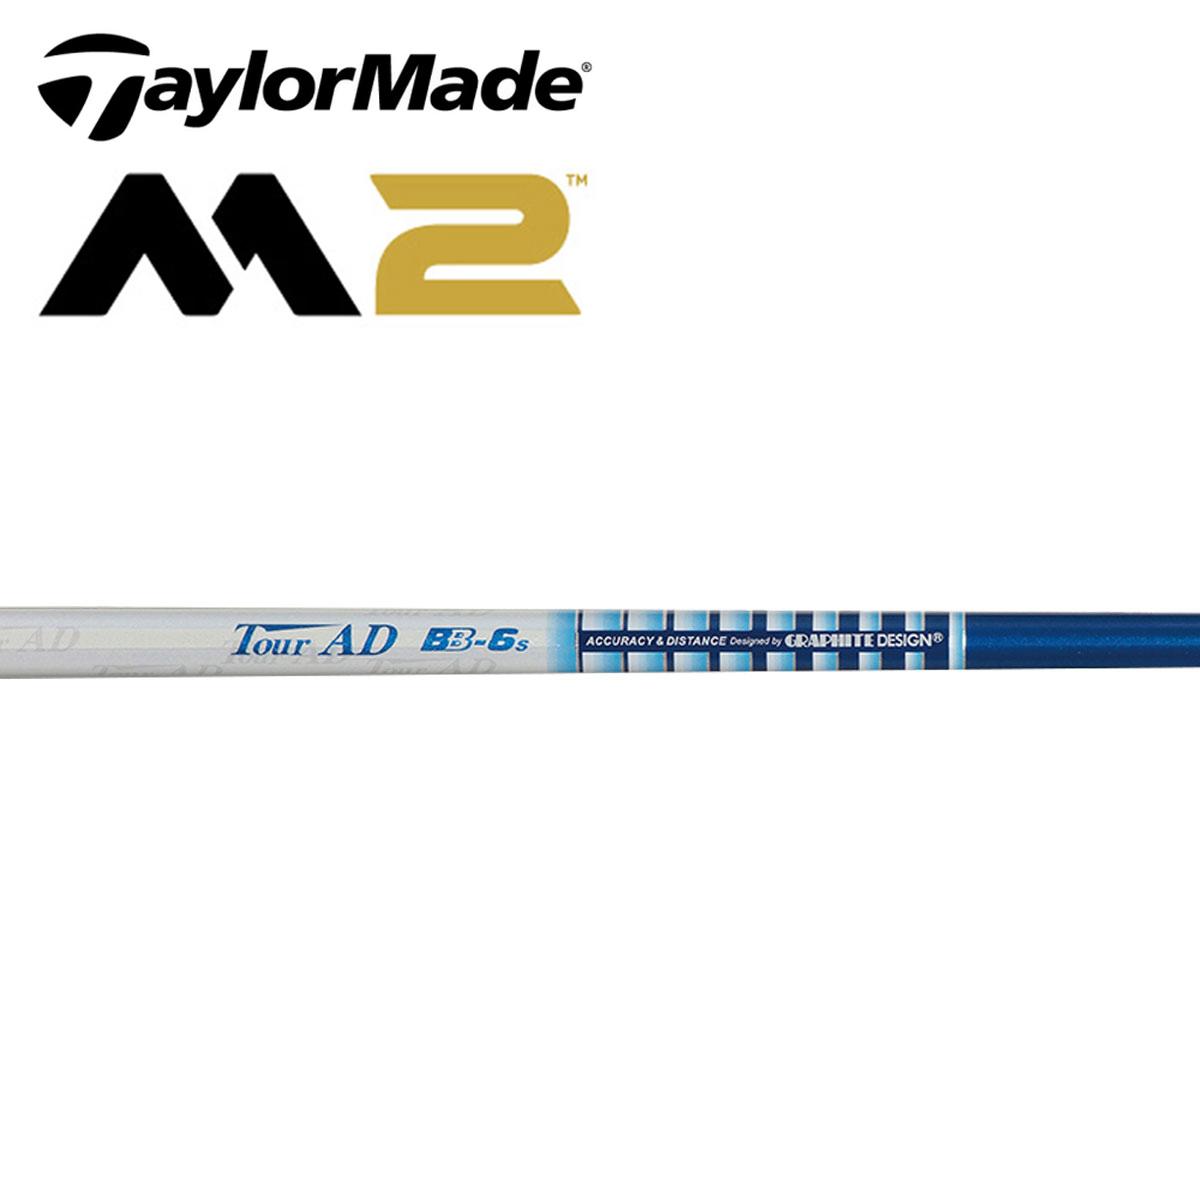 Tour AD BBシリーズ M2 ドライバーロフト9.5度用スリーブ付きシャフト 2016年モデル【テーラーメイド専用】